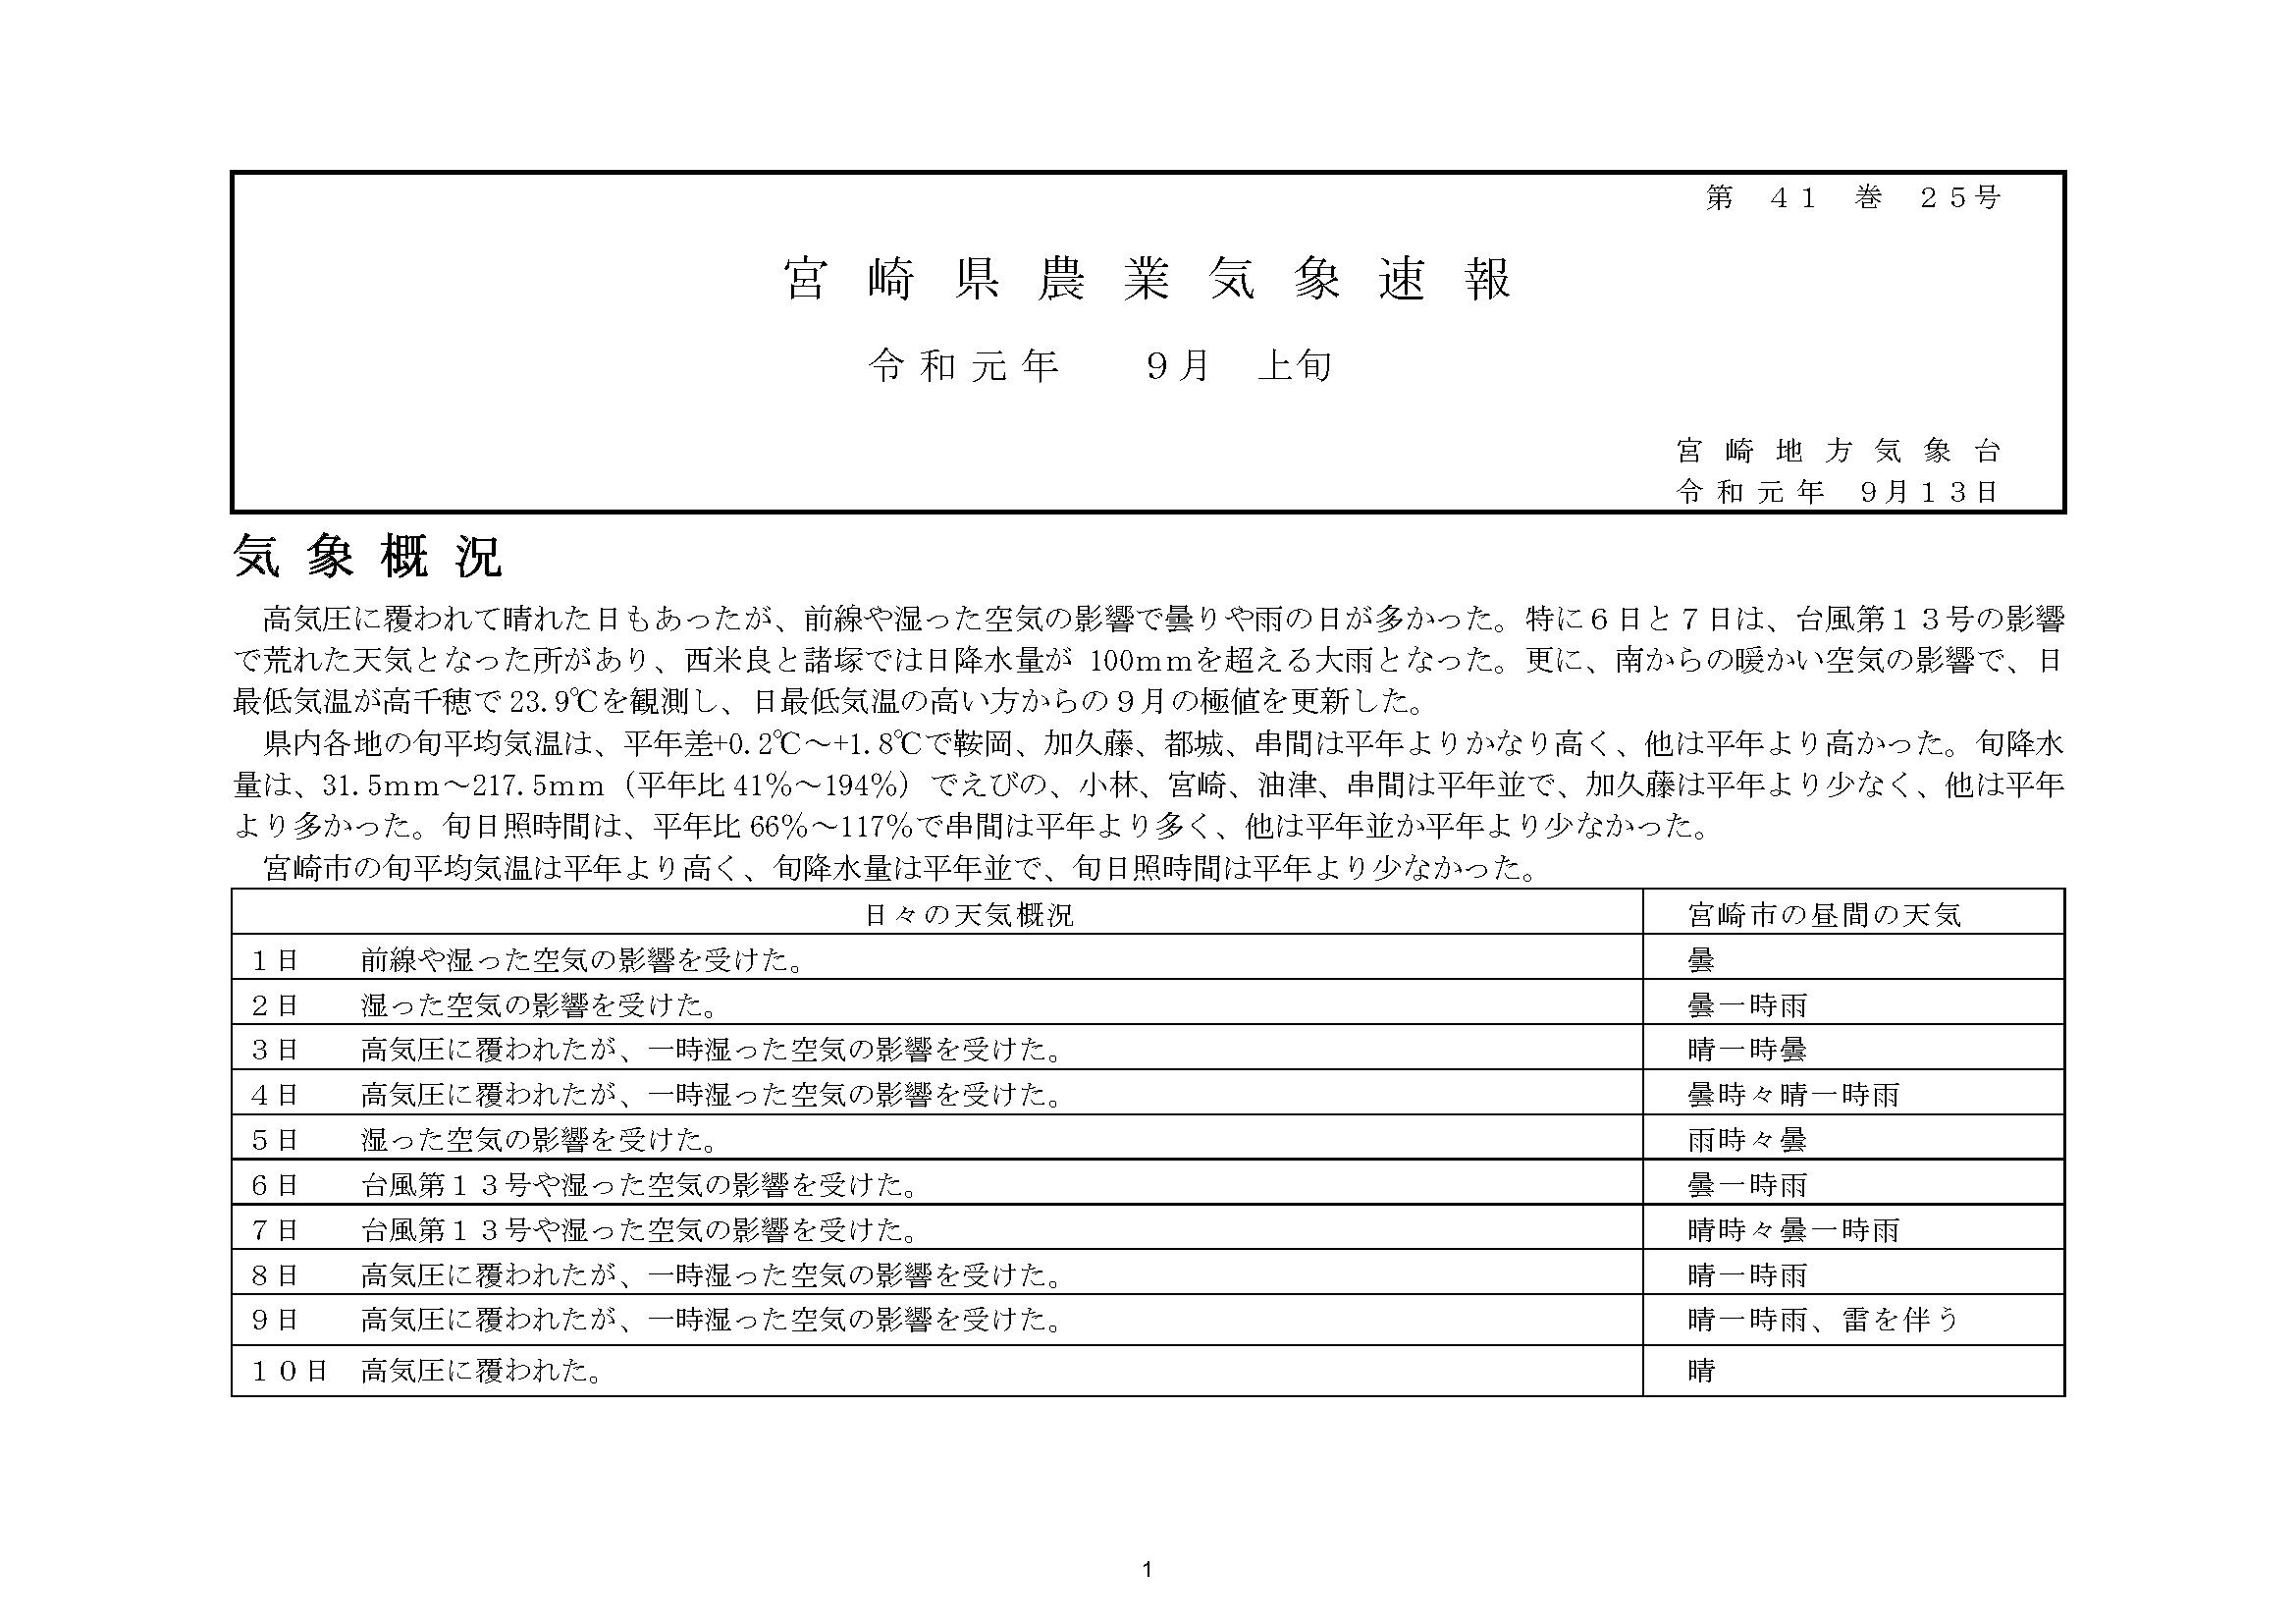 宮崎県農業気象速報令和元年9月上旬PDF